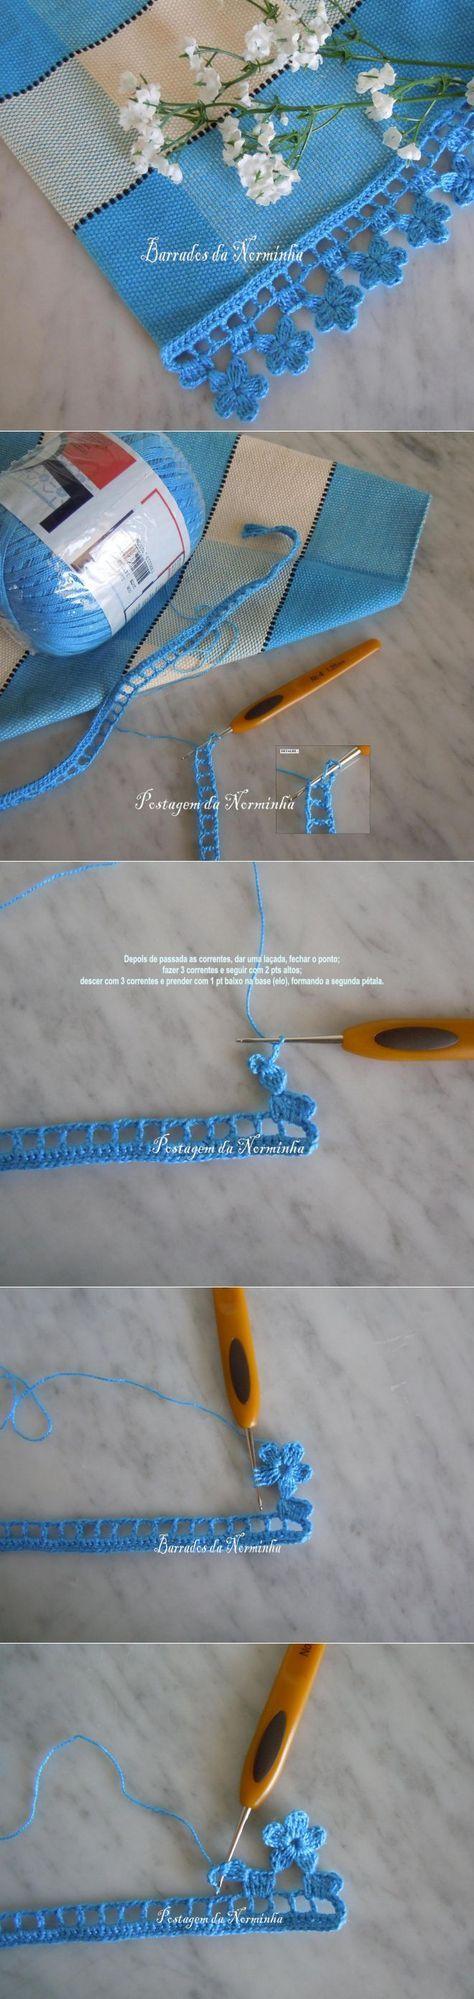 Knitulator Sucht Häkelideen Schöne Borte Für Tücher Und Decken